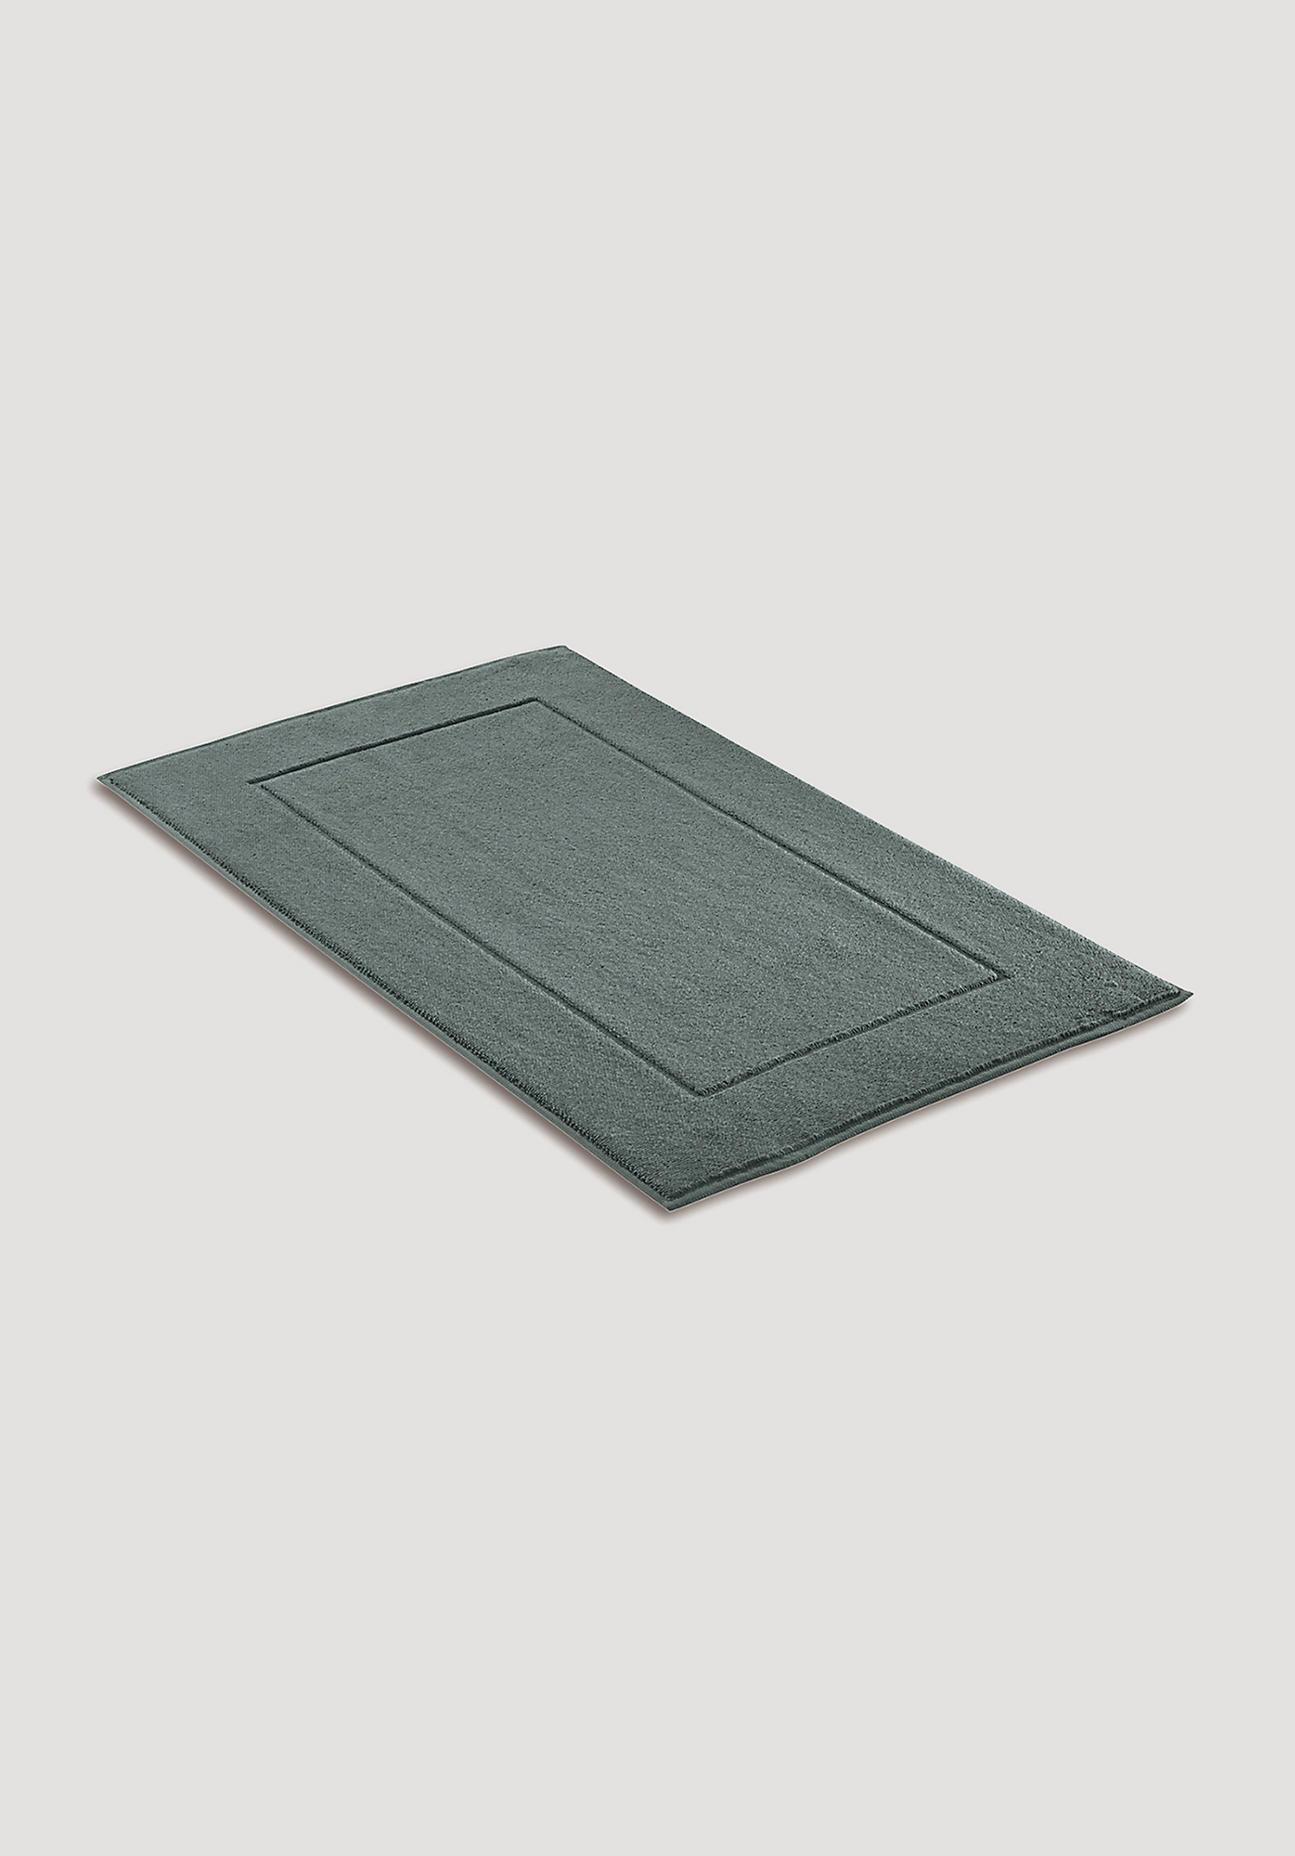 hessnatur Frottee-Badematte aus Bio-Baumwolle – grün – Größe 60x100 cm